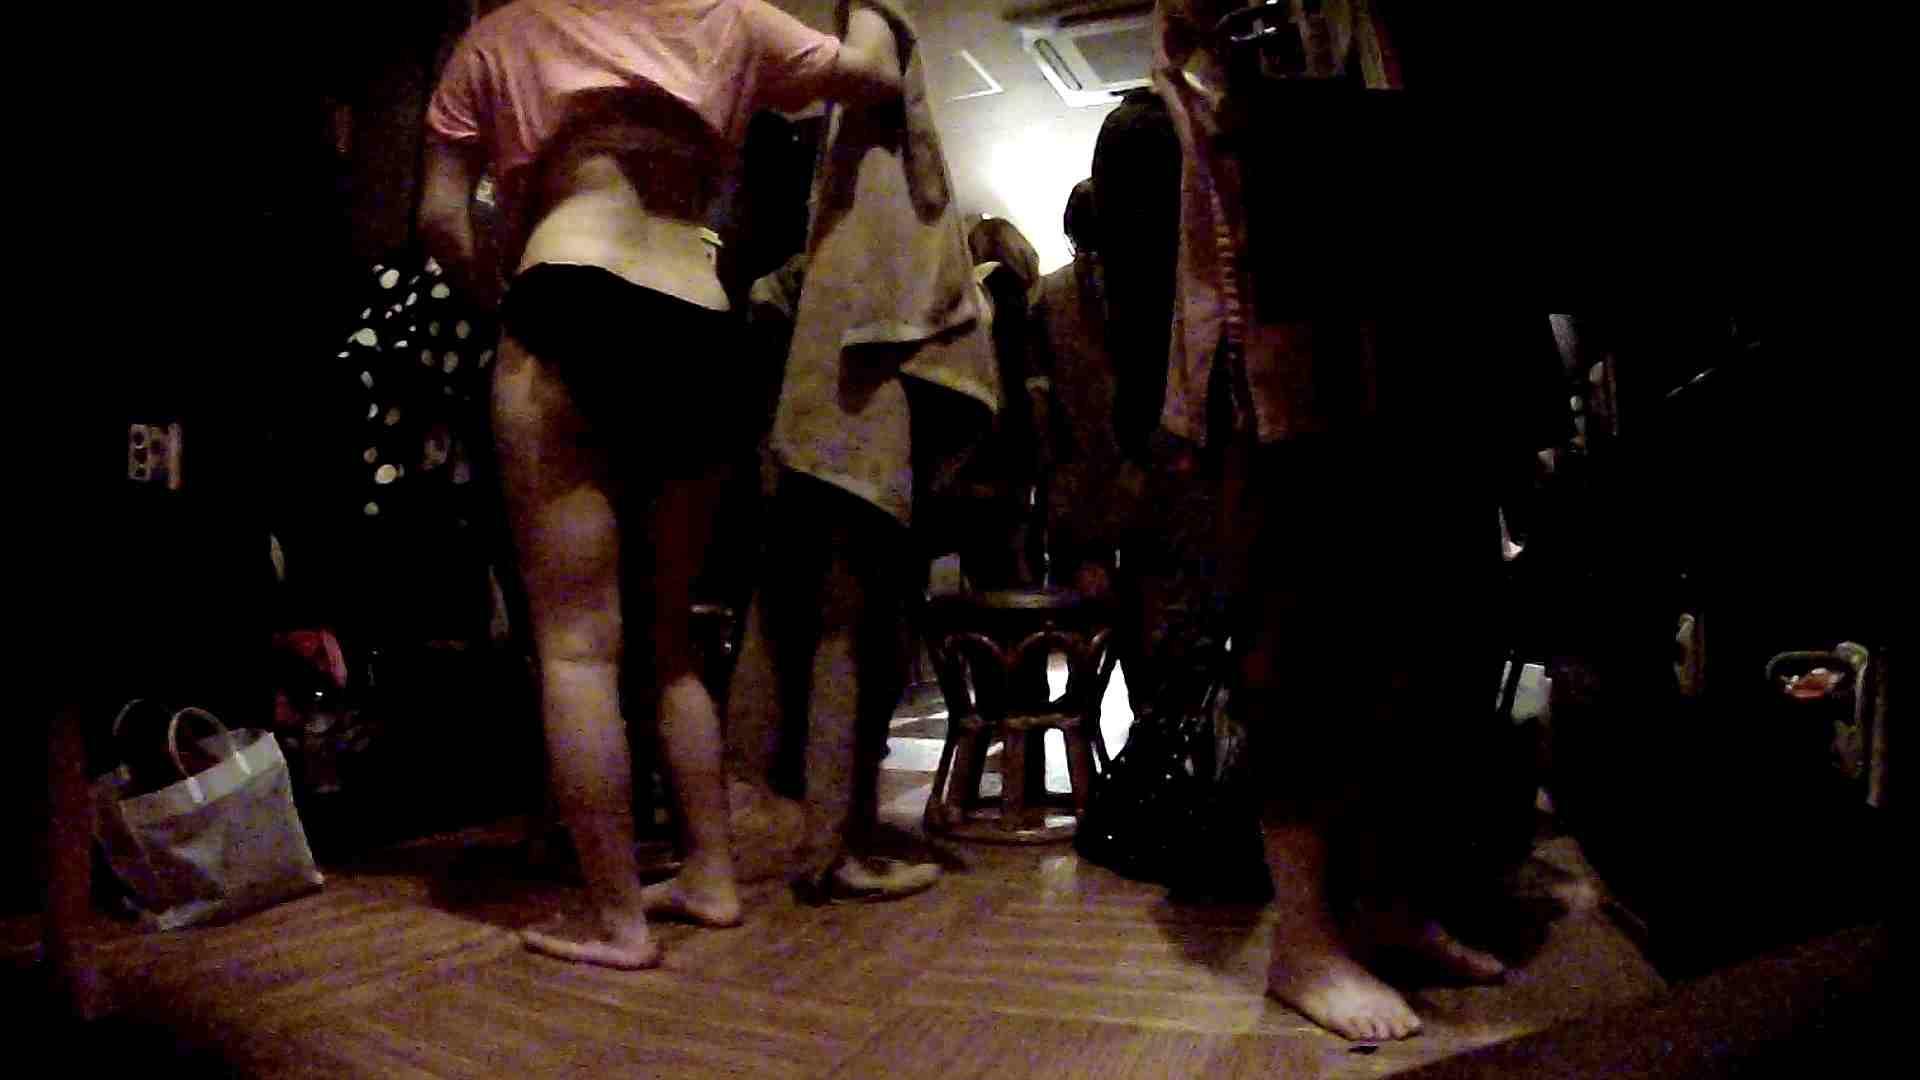 脱衣所!オムニバス 大混雑!注目はあの人の御御足でしょう。 盛合せ AV無料 109枚 65